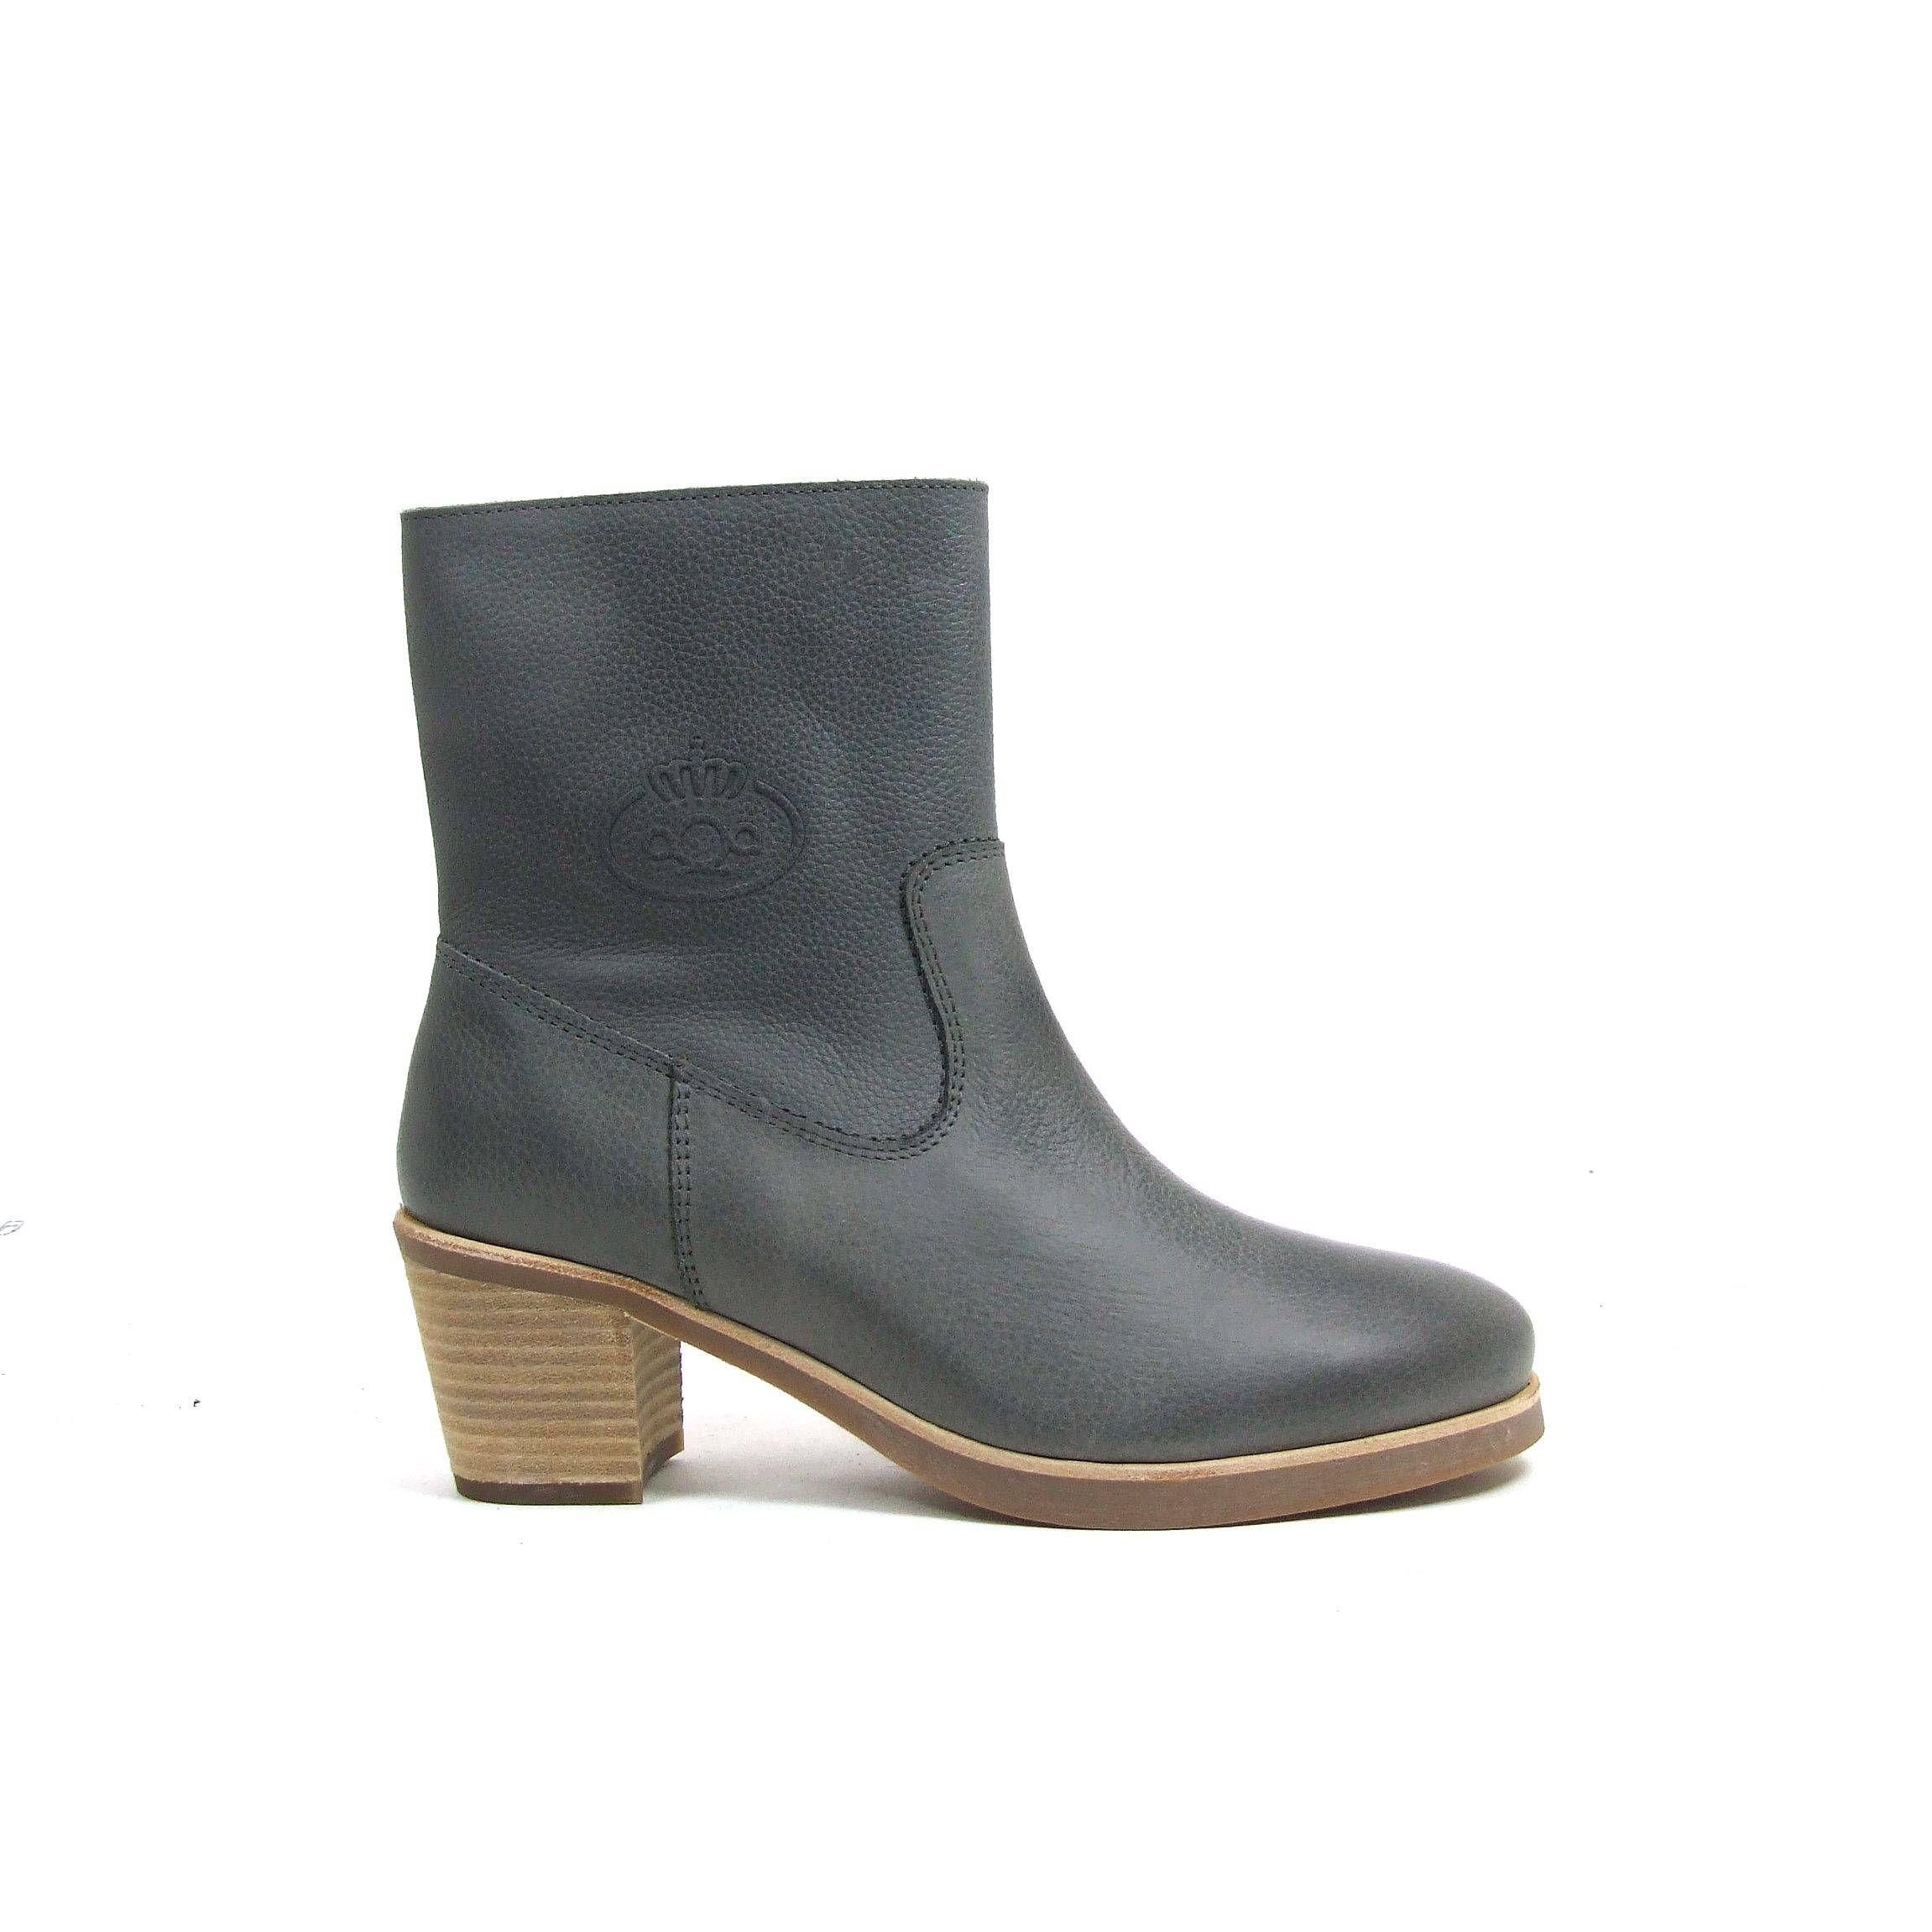 Chaussures Gris Avec Talonnettes Bloc Avec Fermeture À Glissière Pour Les Femmes 0ZXybFJQrn